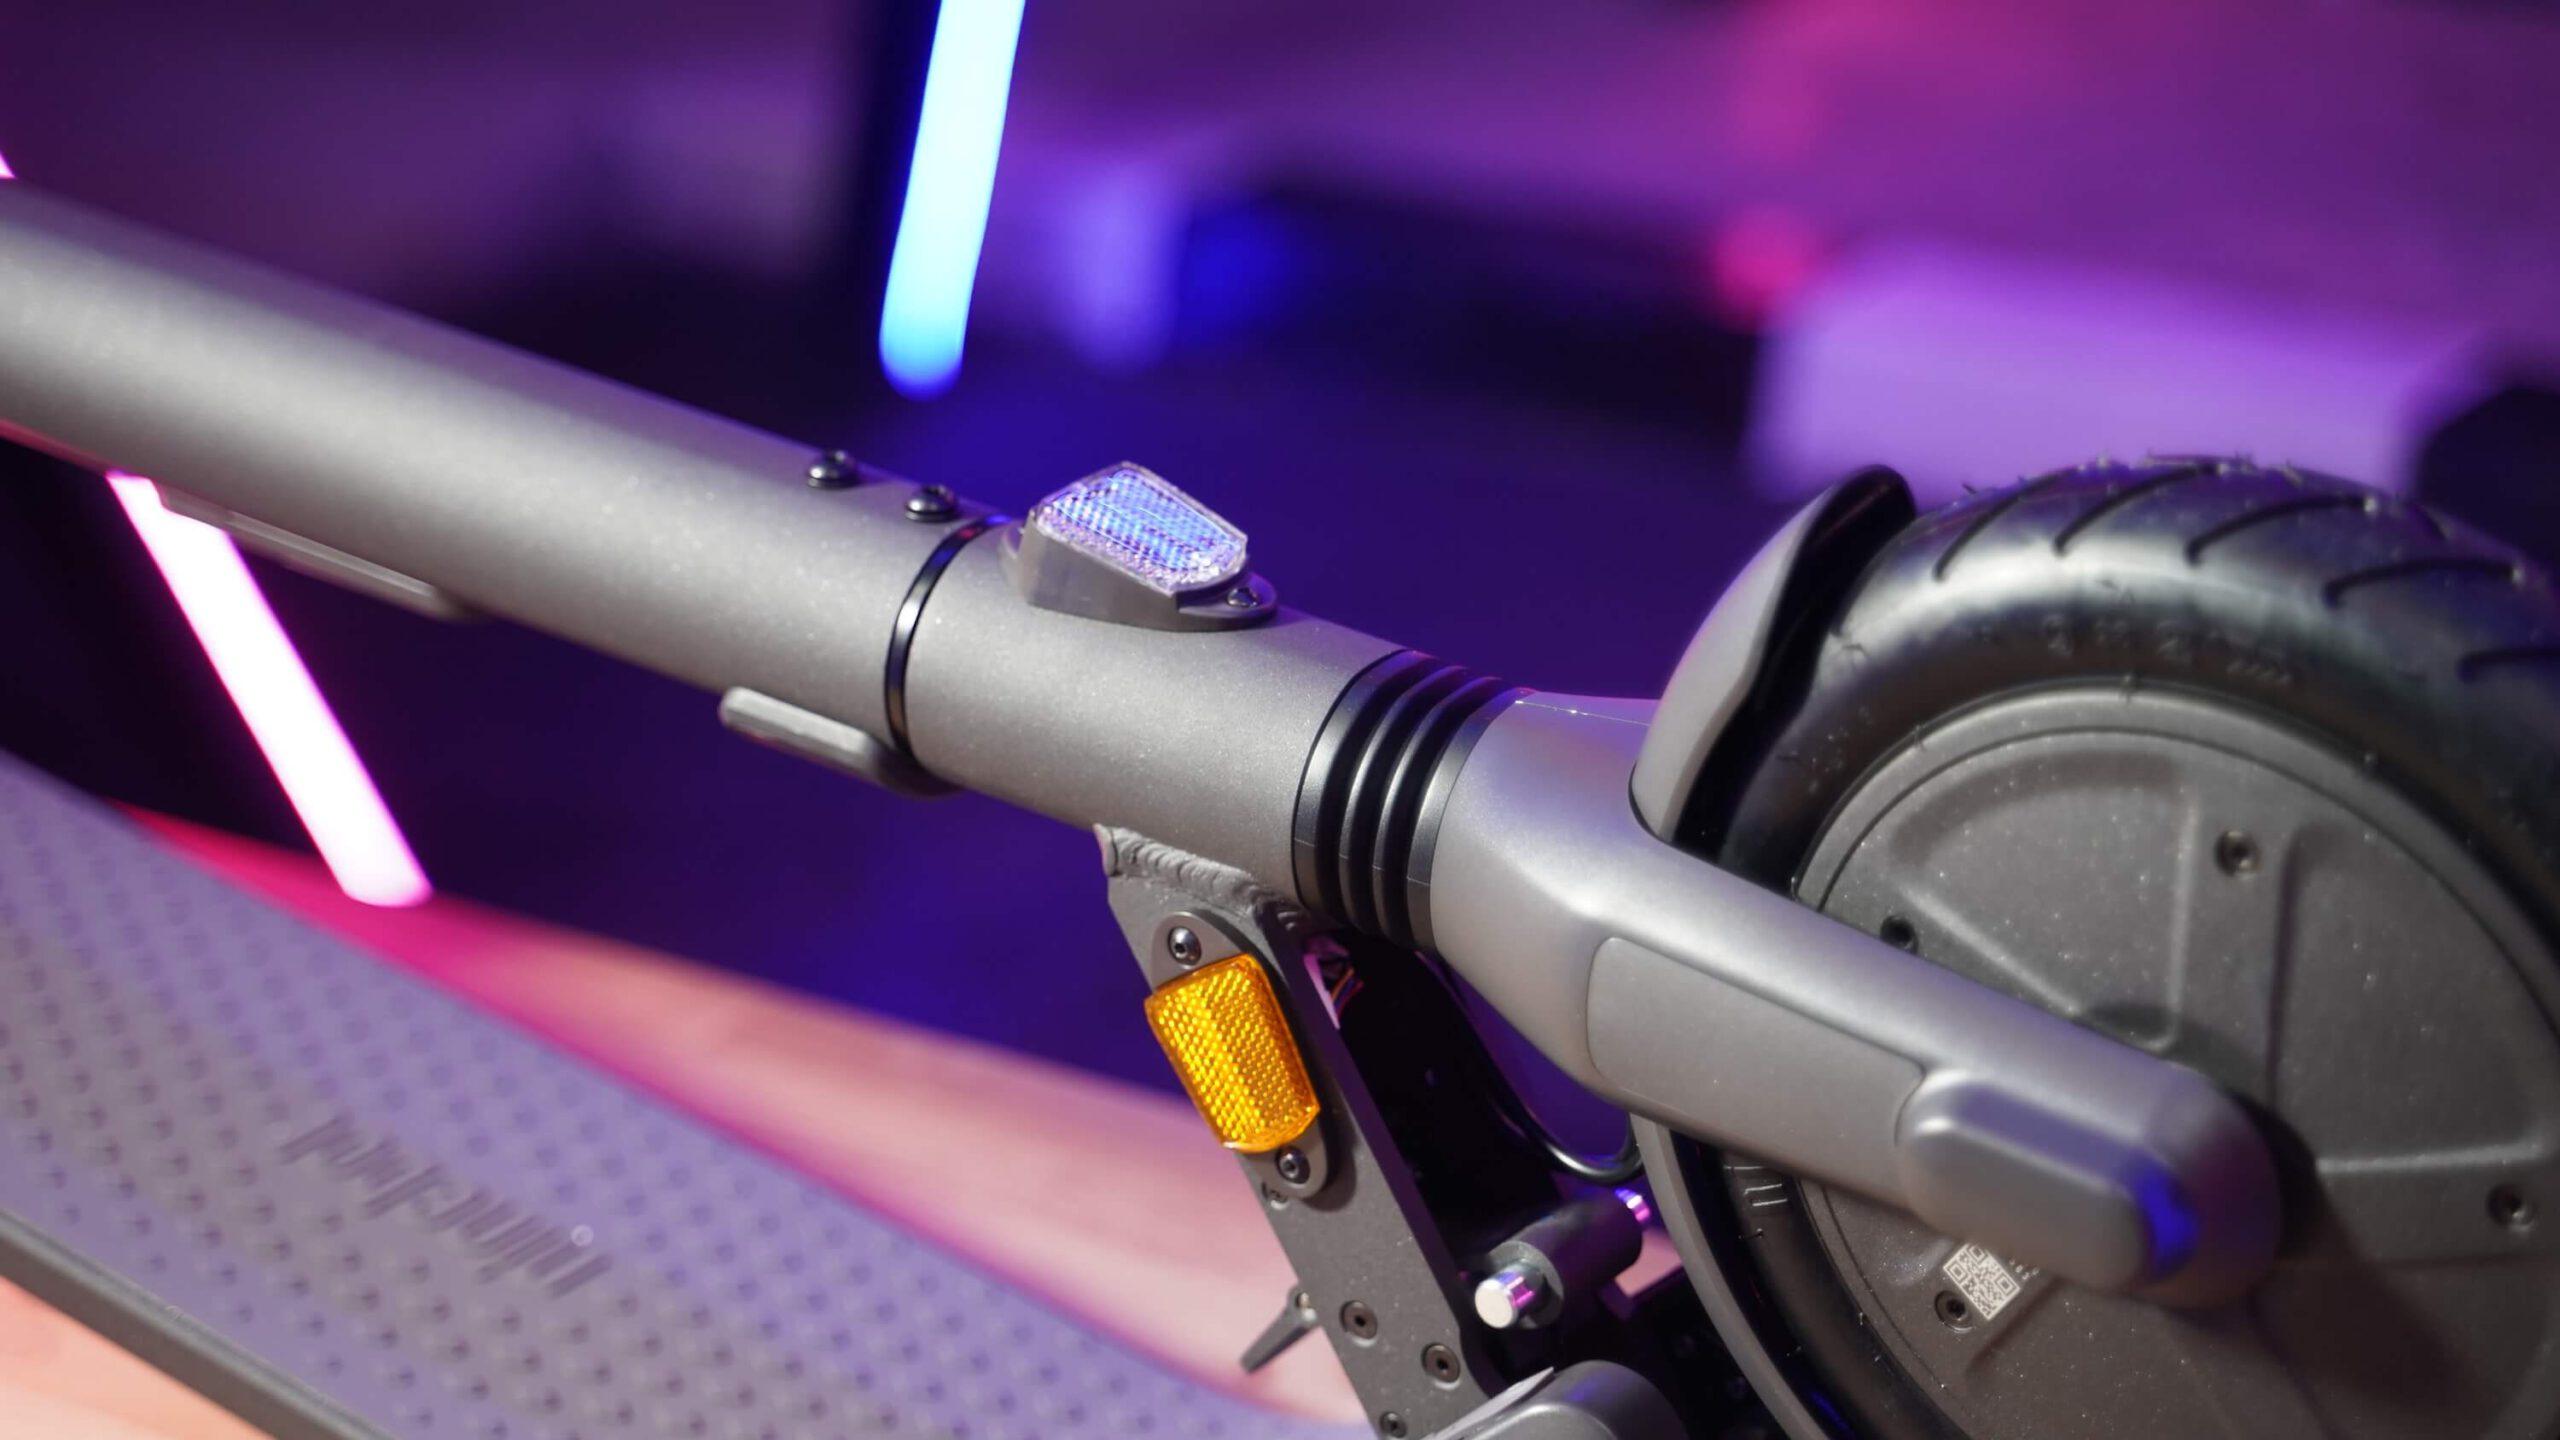 ninebot kickscooter e25-สะท้อนแสง